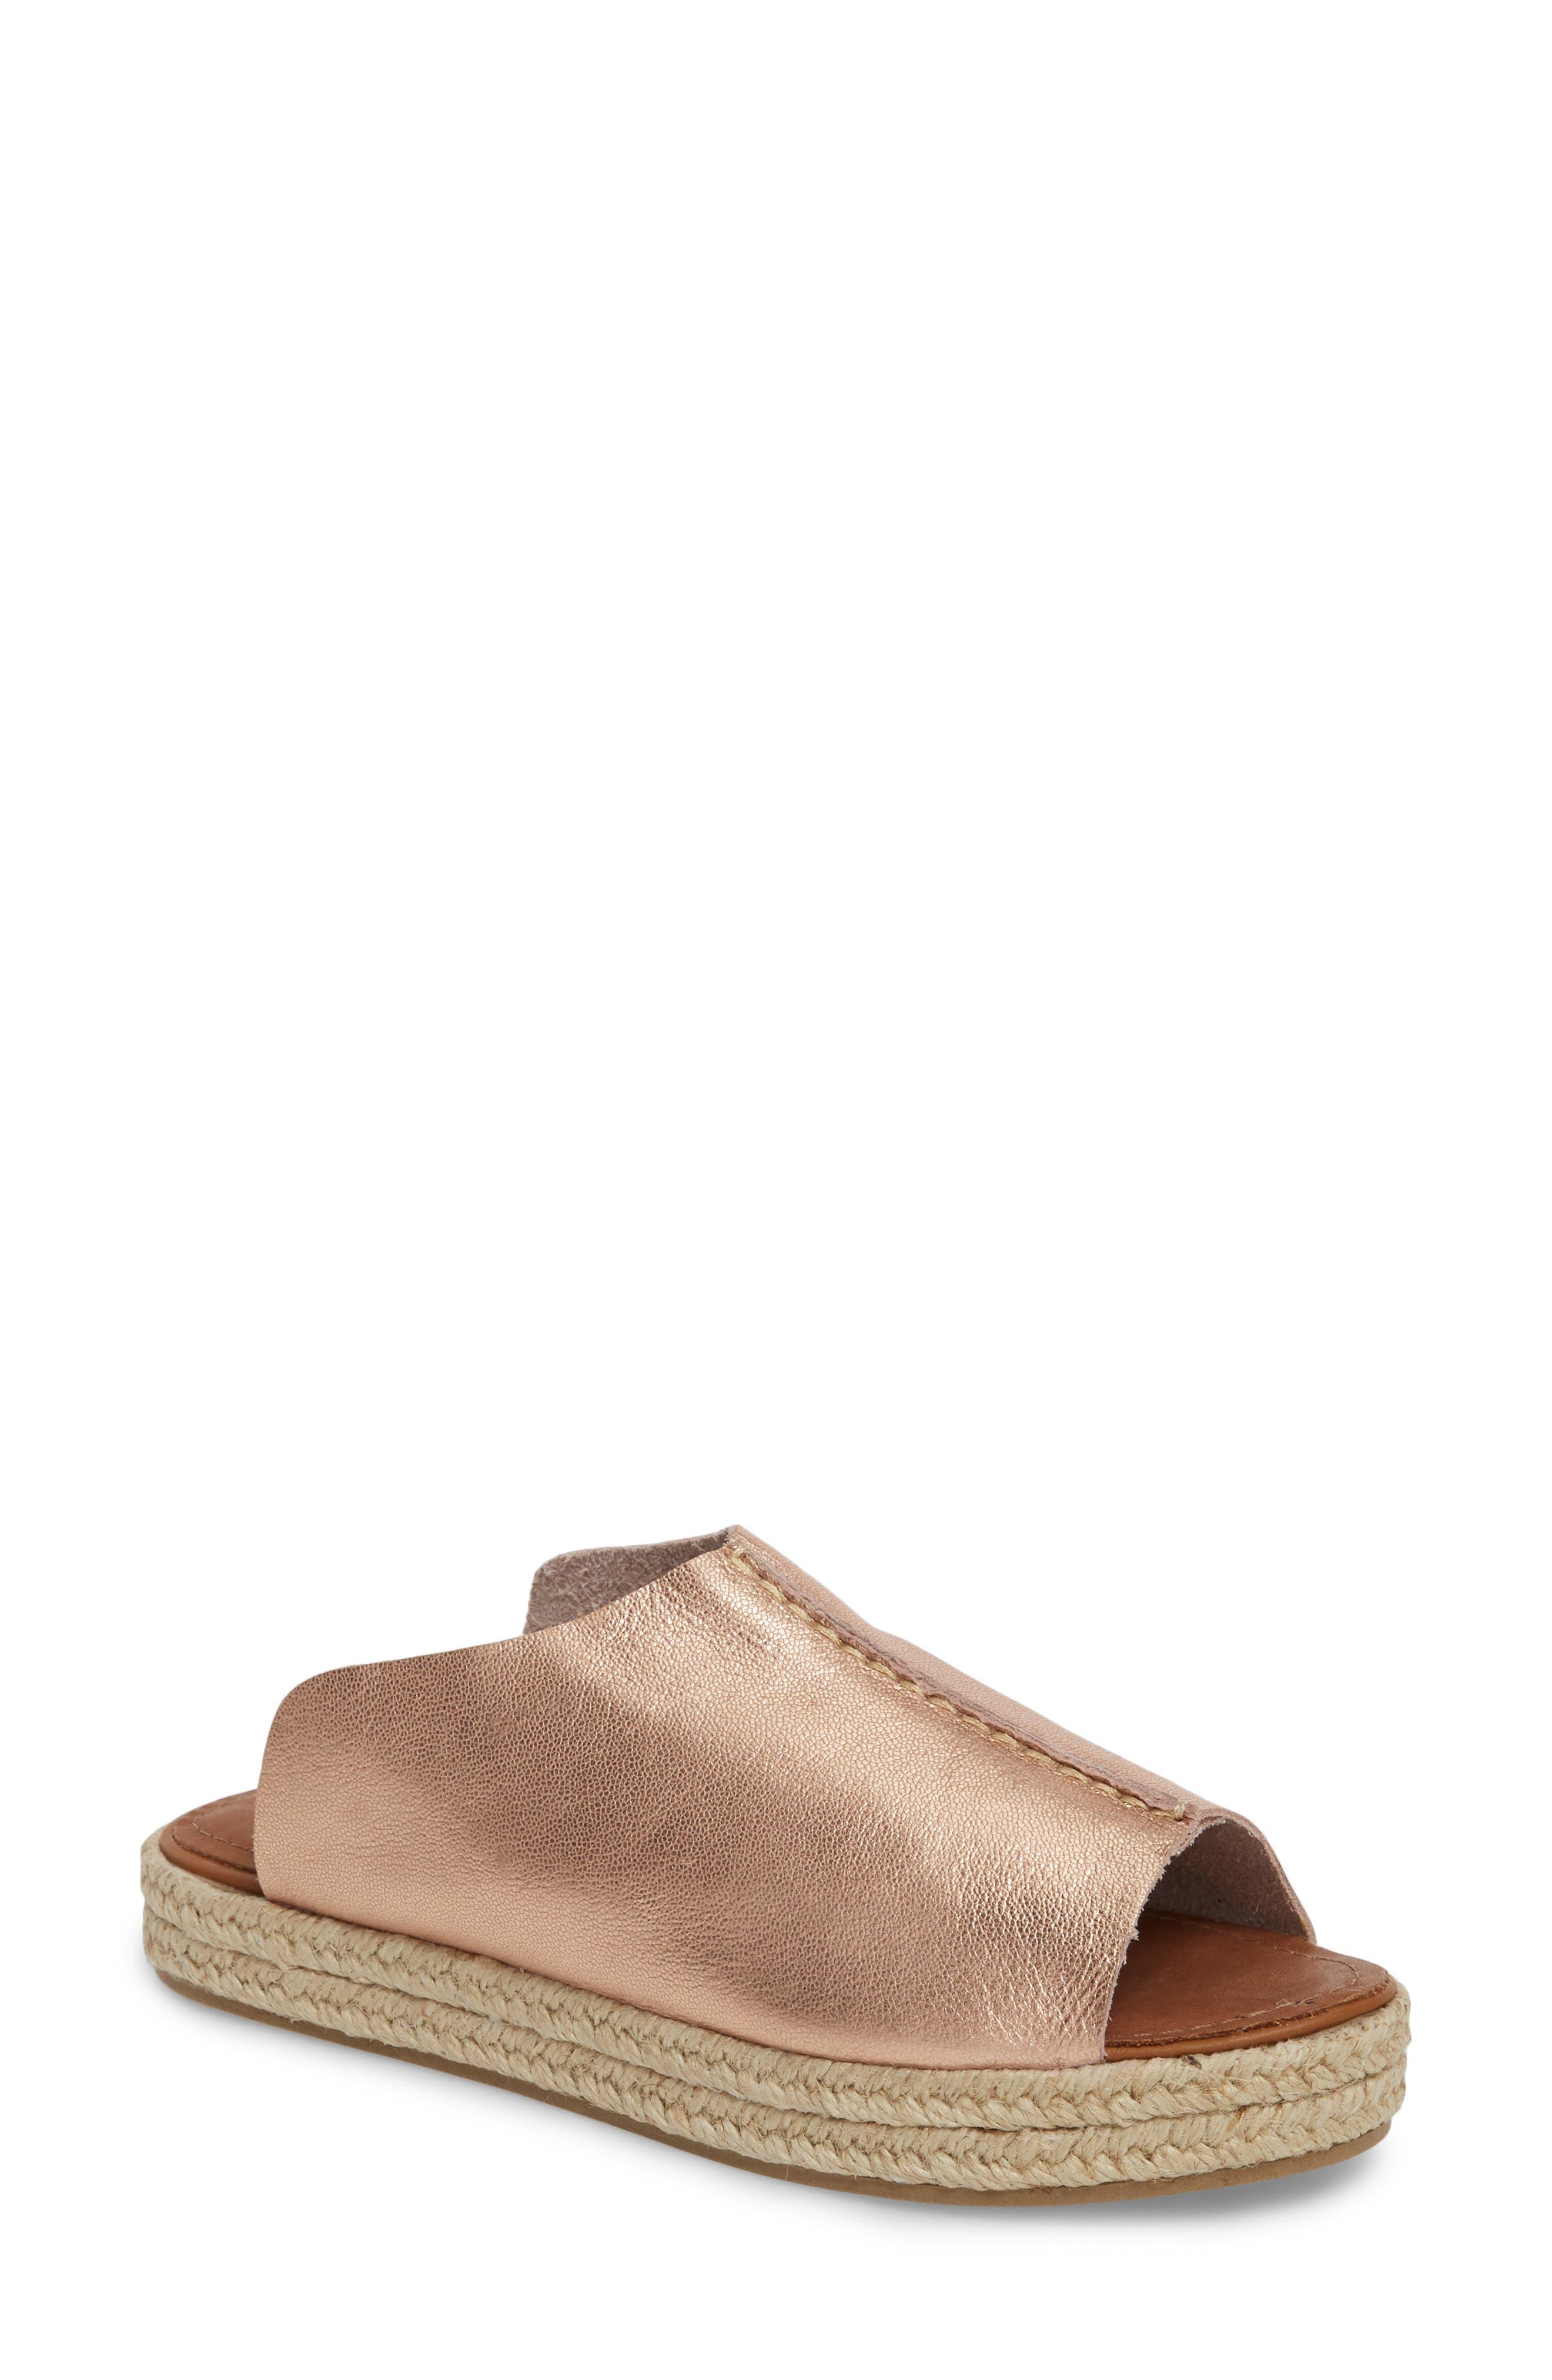 Gracey Espadrille Slide Sandal,                         Main,                         color, ROSE LEATHER